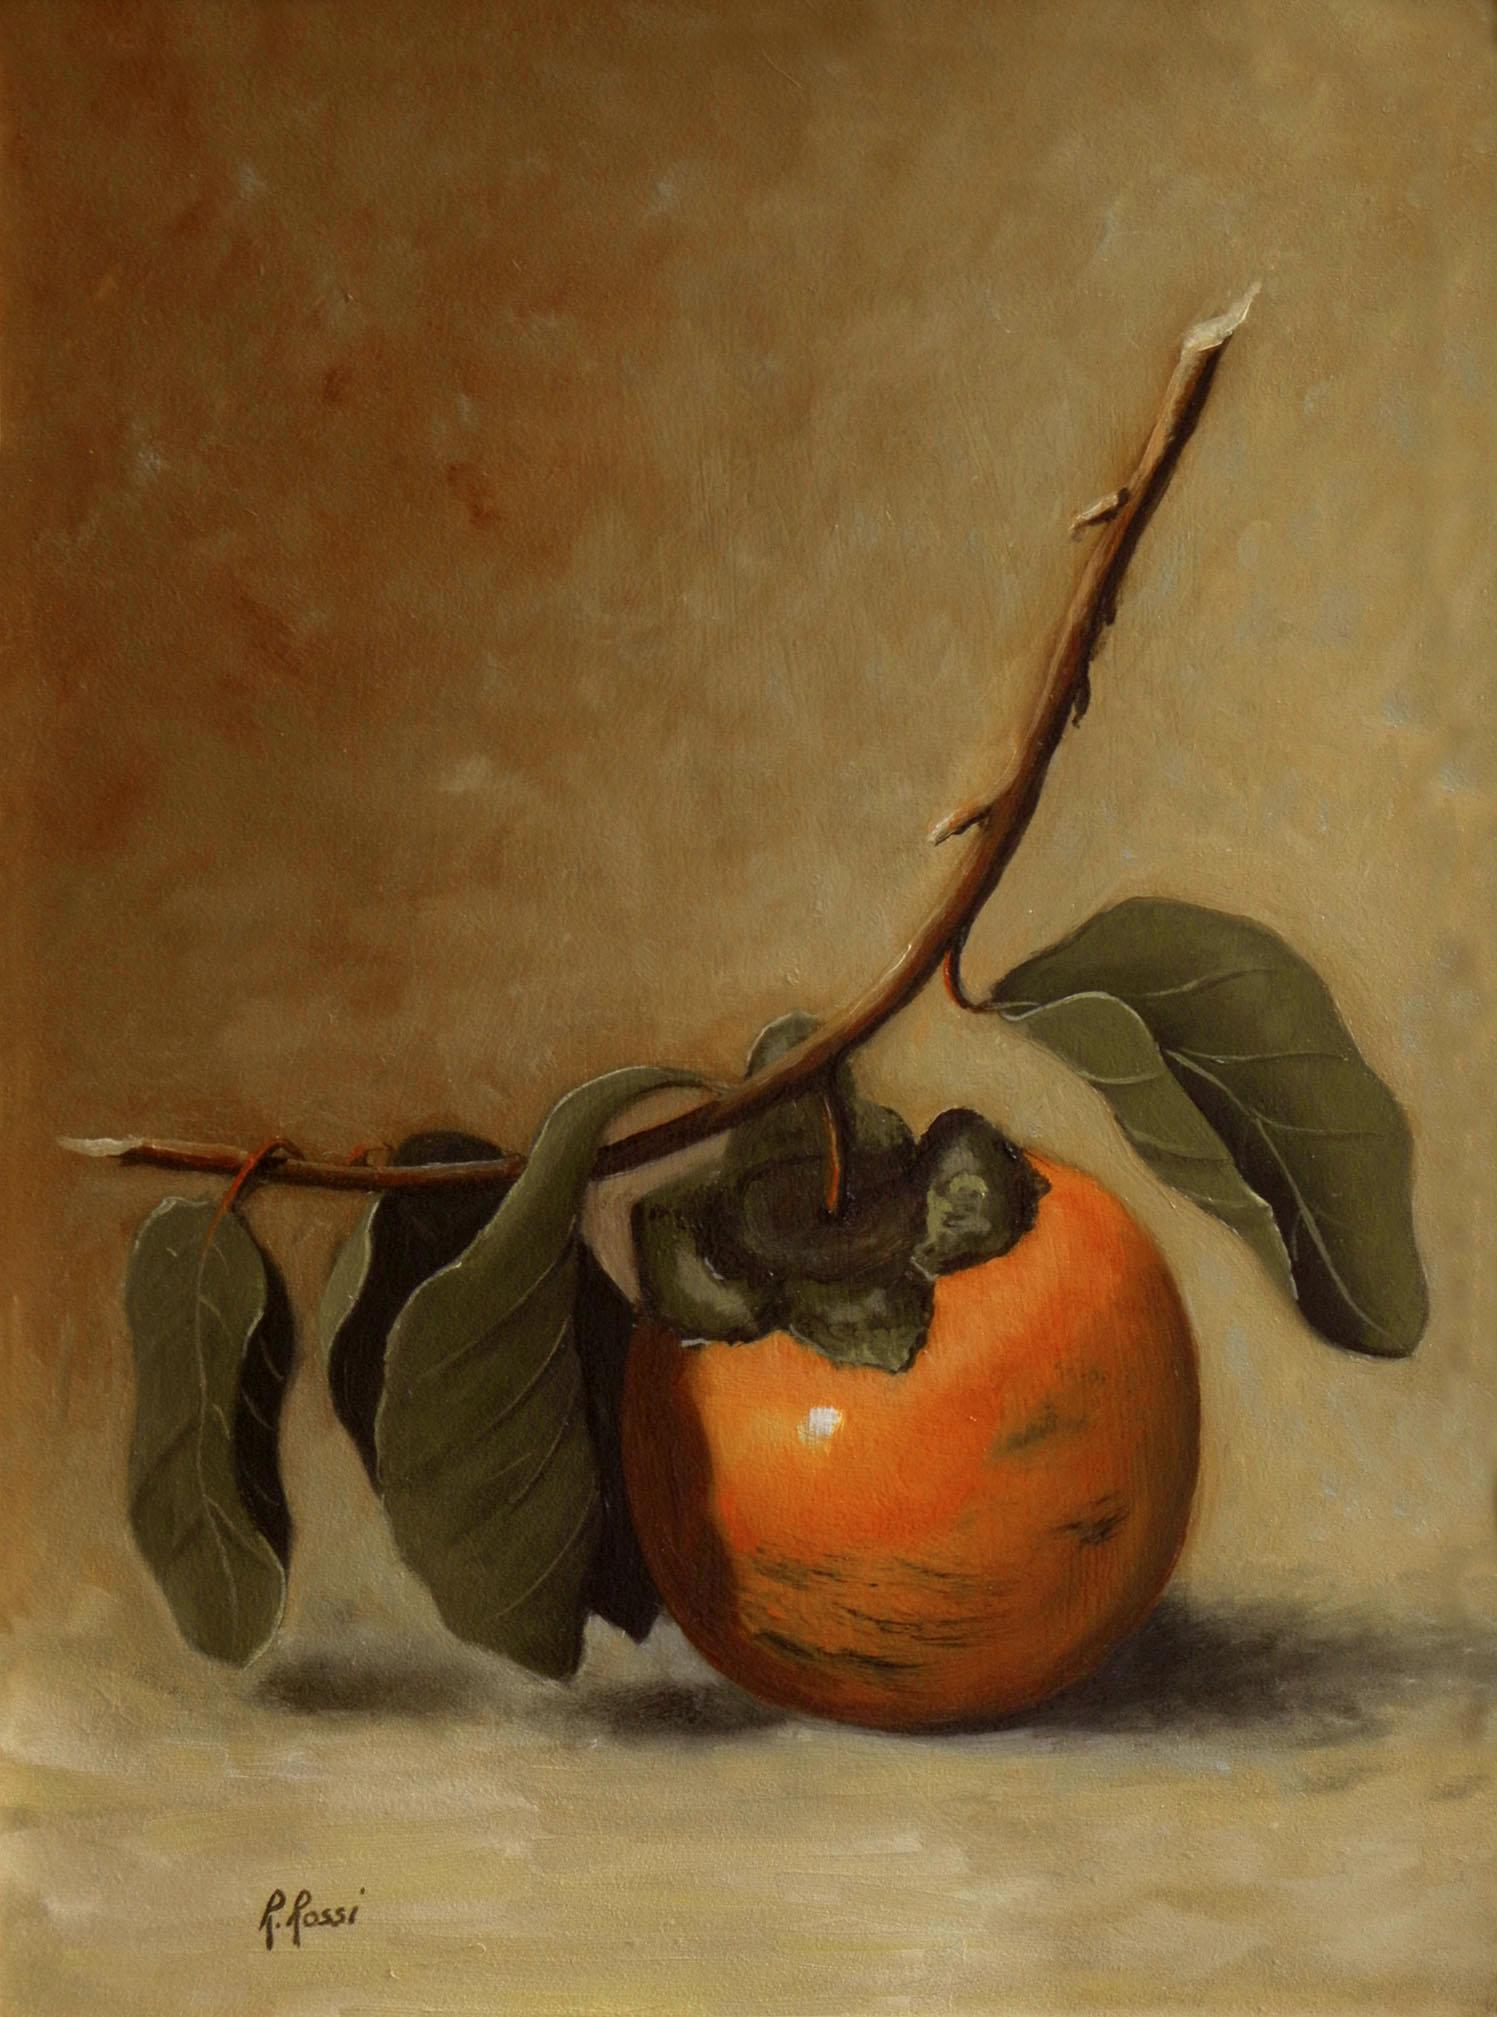 2011 roberta rossi - caco e foglie - olio su tela - 24 x 18